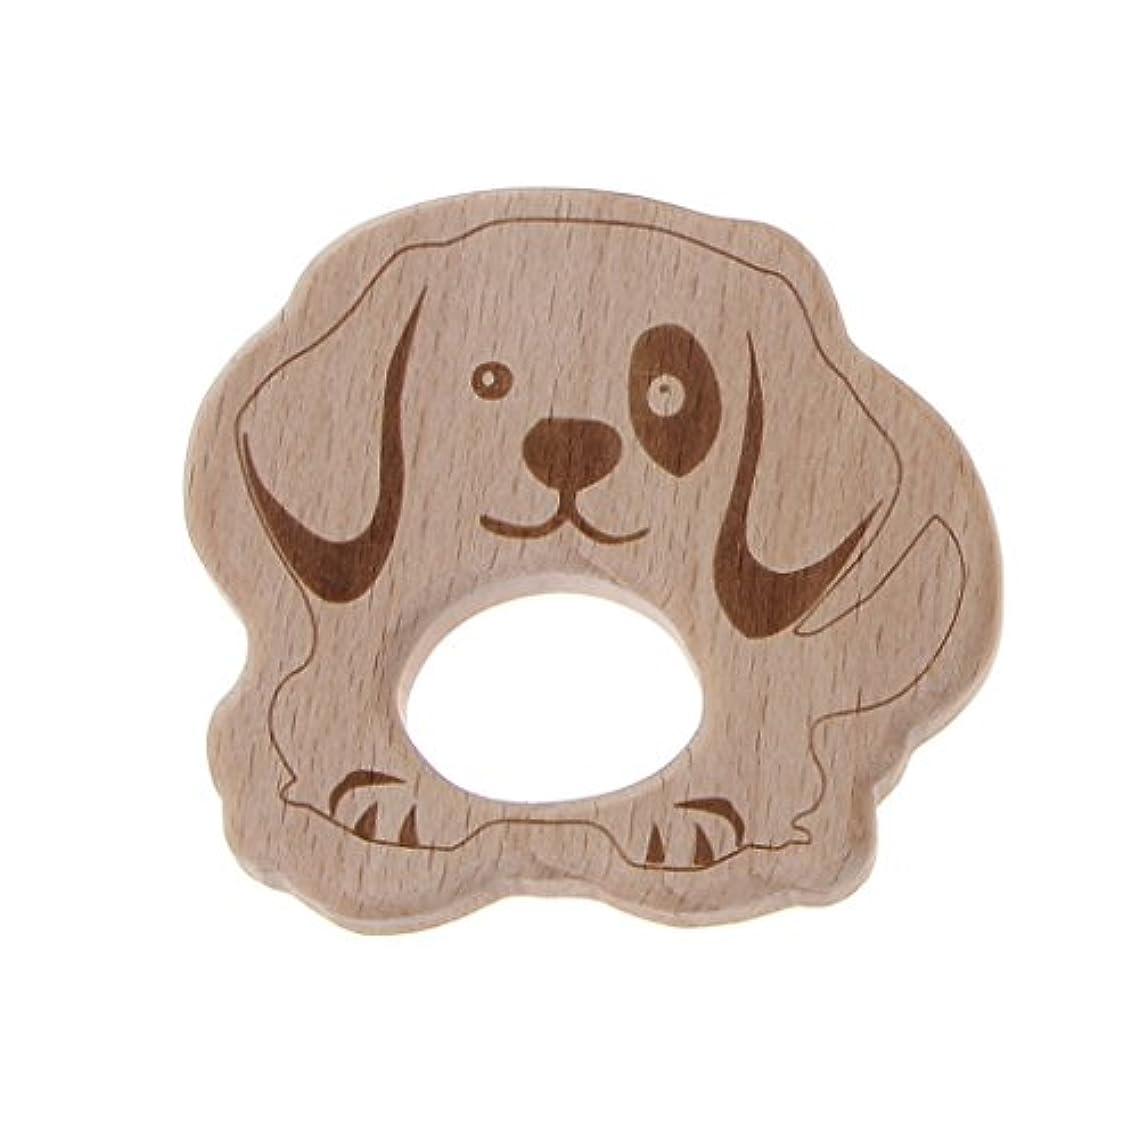 ブロンズ利得仕えるランドウッドティーザー動物ユーカリティーザー赤ちゃん看護玩具かむ玩具歯が生えるガラガラおもちゃ - 子犬